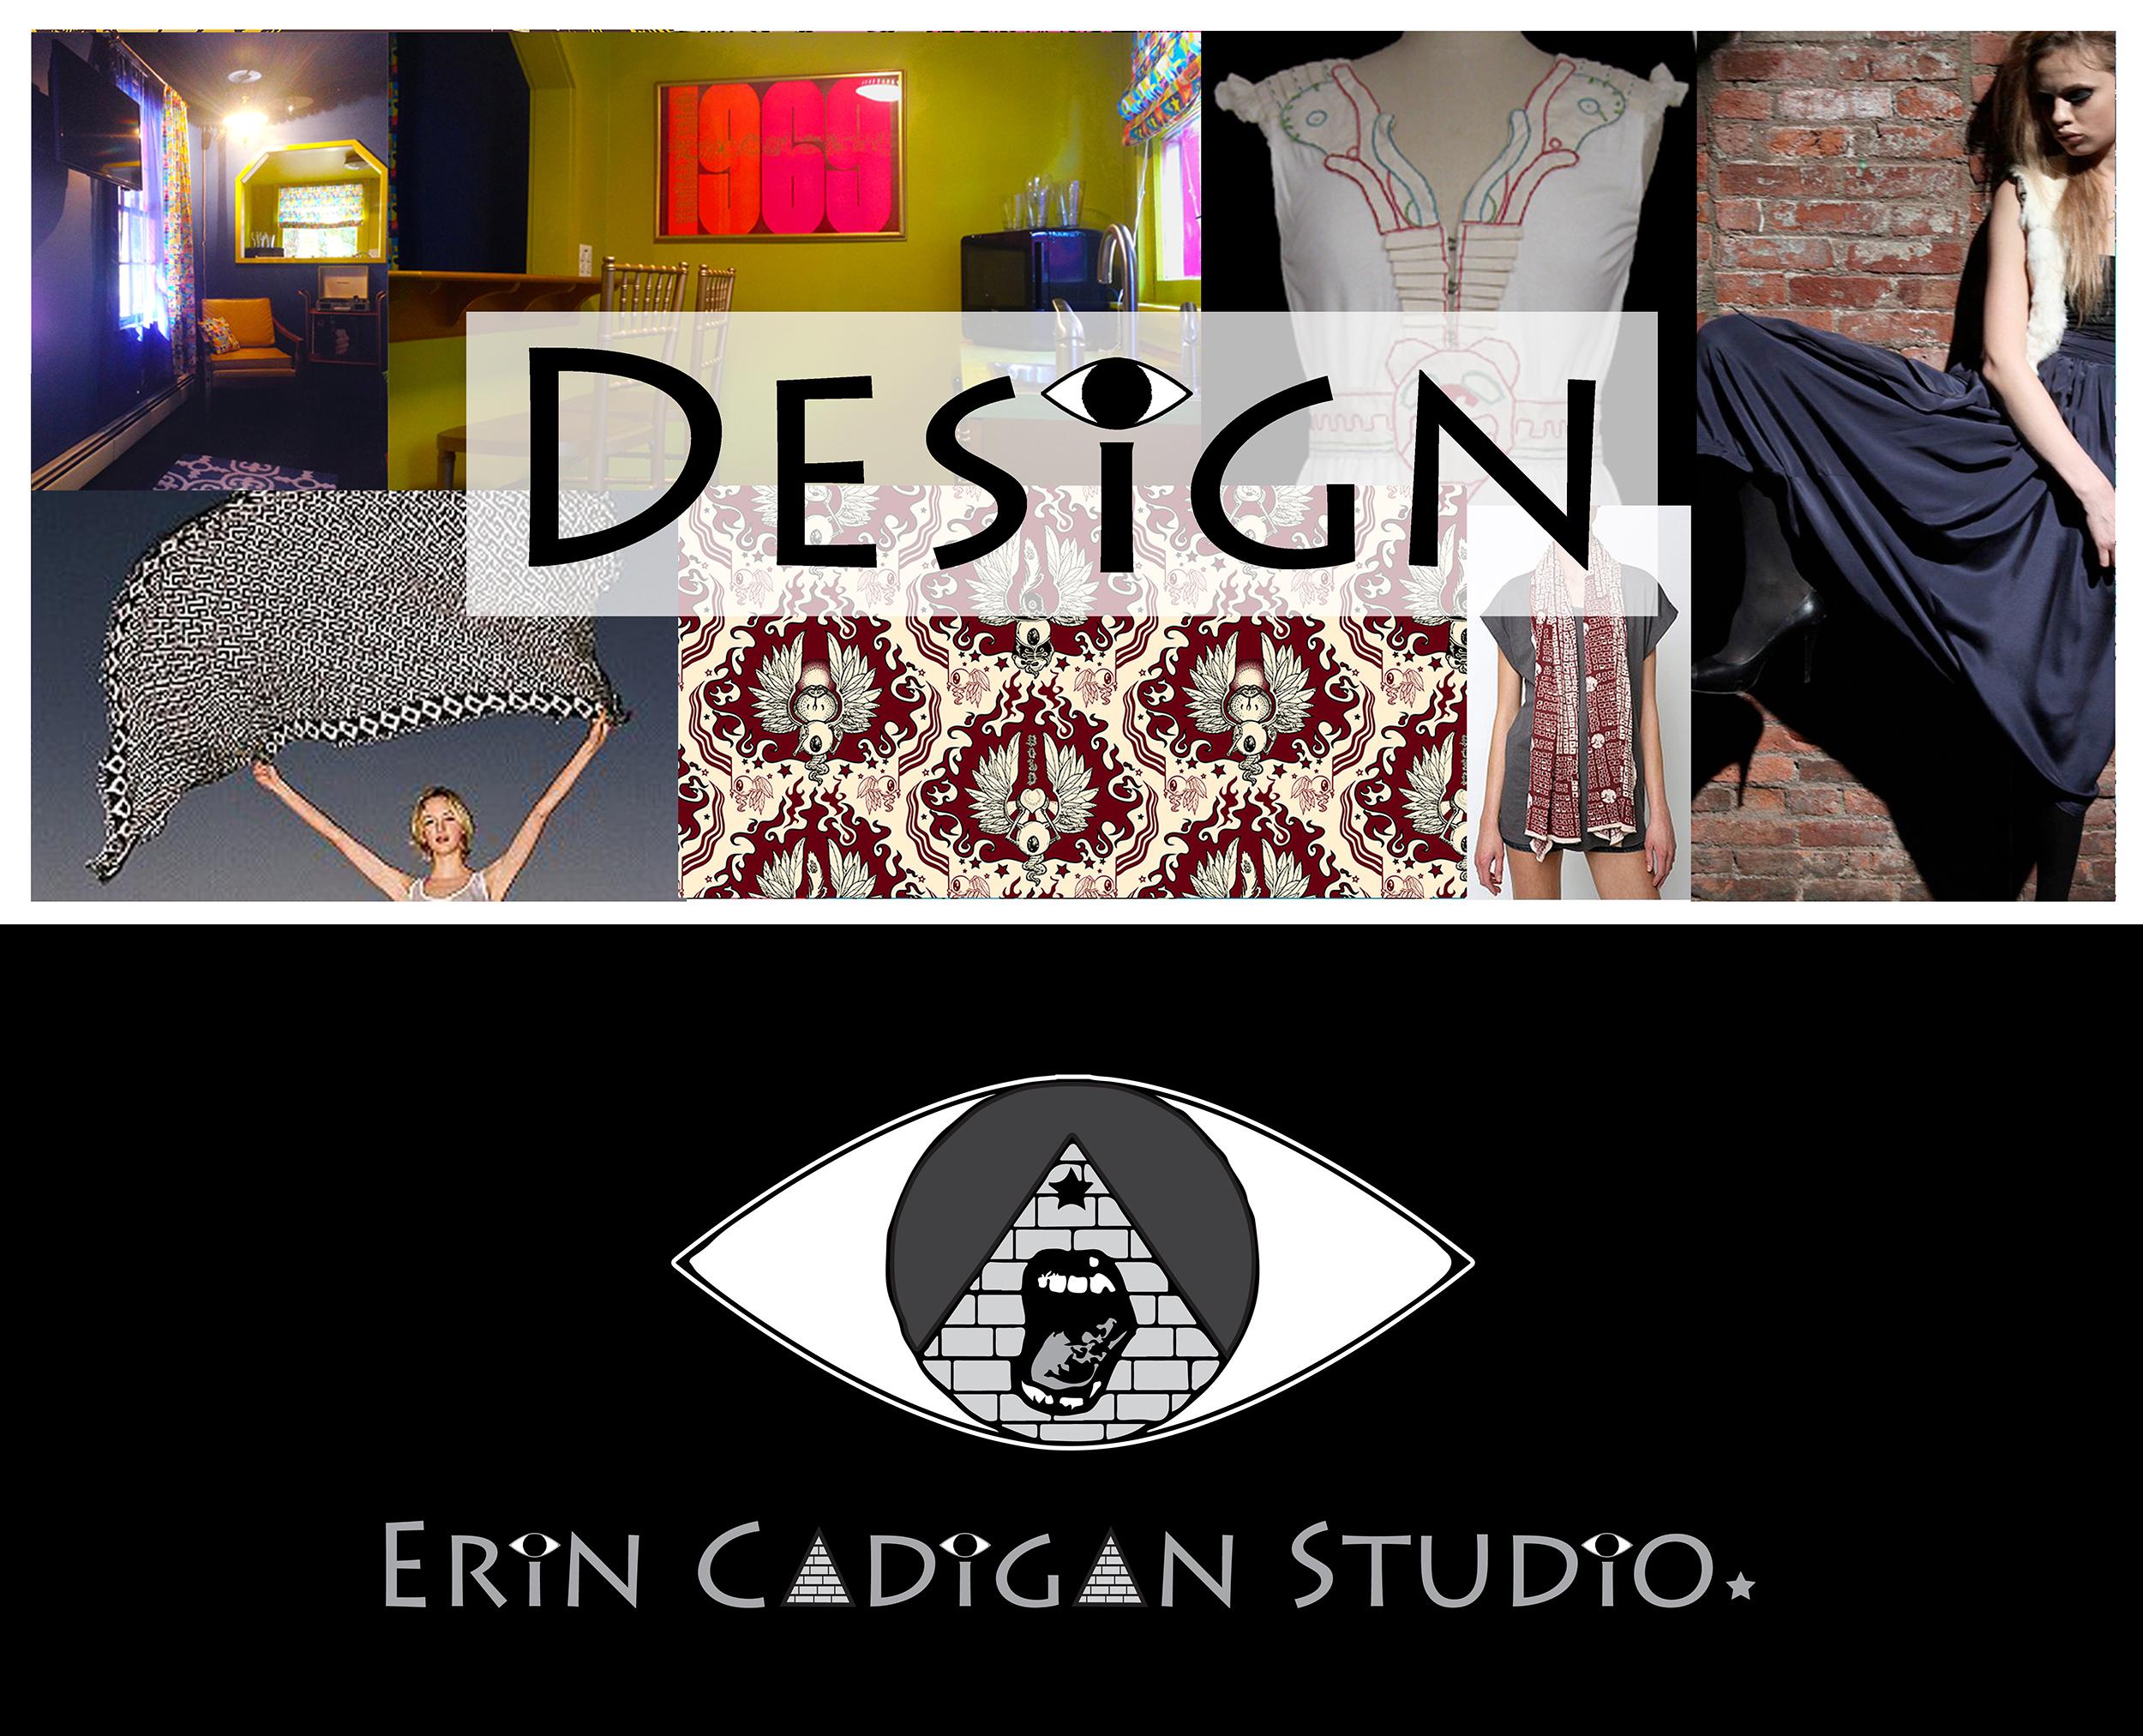 ecs_home_design.jpg